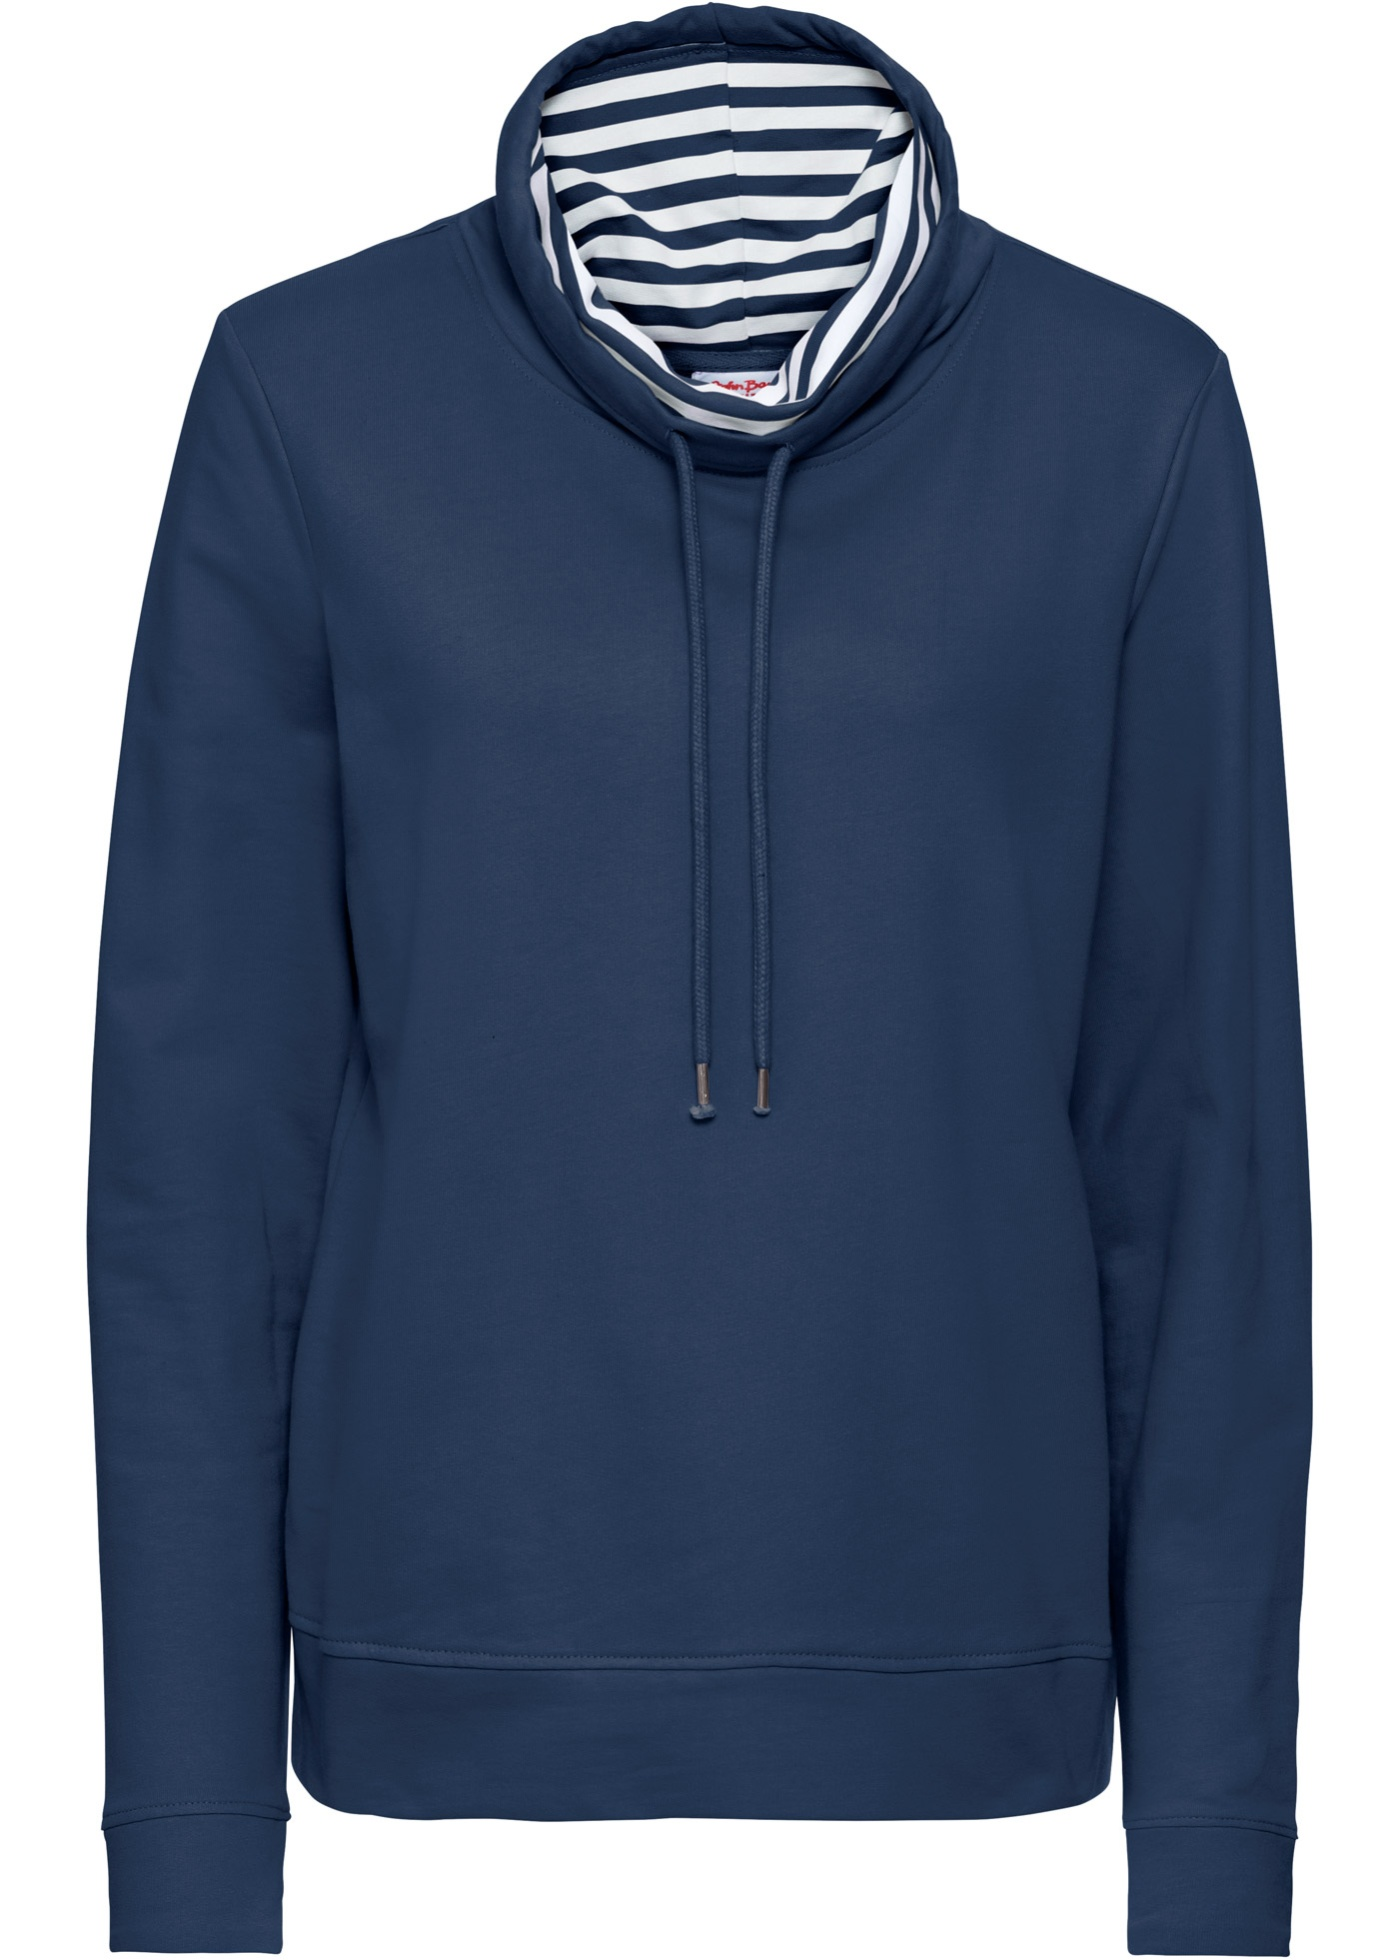 Baner Longues Femme John Manches BonprixSweat shirt Jeanswear Pour Bleu n8PwO0Xk